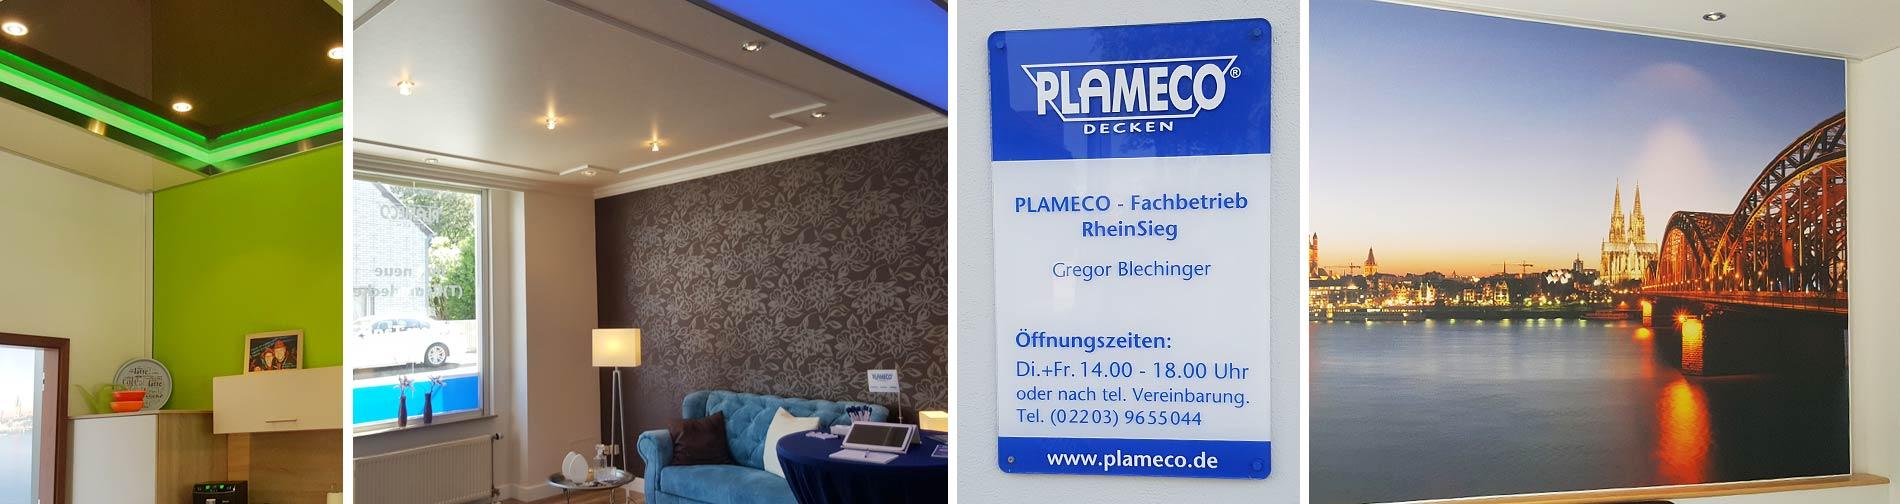 Spanndecken-Ausstellung in Köln-Porz, PLAMECO RheinSieg - Gregor Blechinger - Frankfurter Straße 493